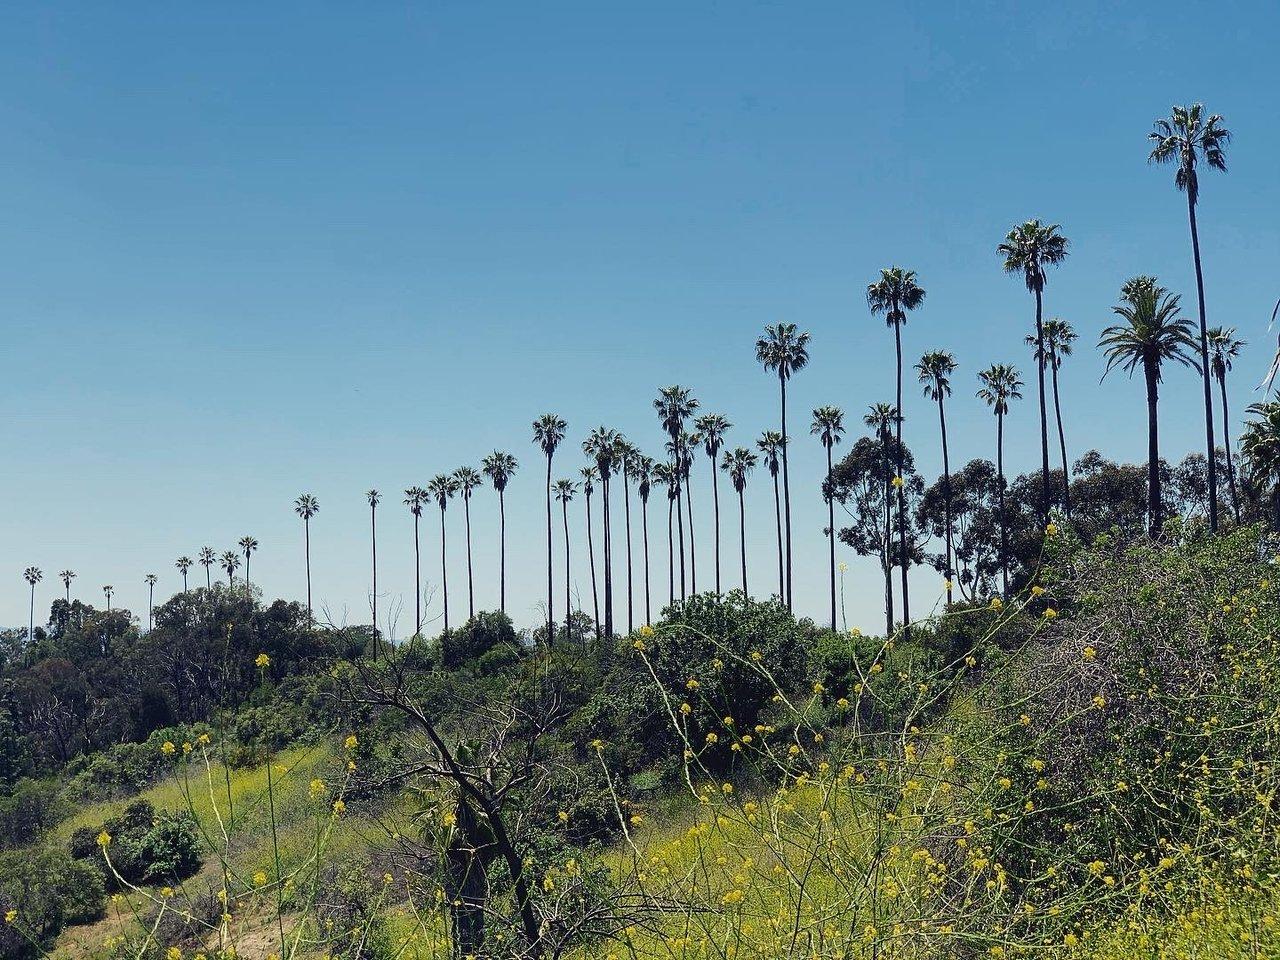 Miksi maastopalot koettelevat nyt Kaliforniaa? Jopa rekka-auton aiheuttama kipinäsuihku ja kaatuvat puut voivat aiheuttaa vakavat tuhot